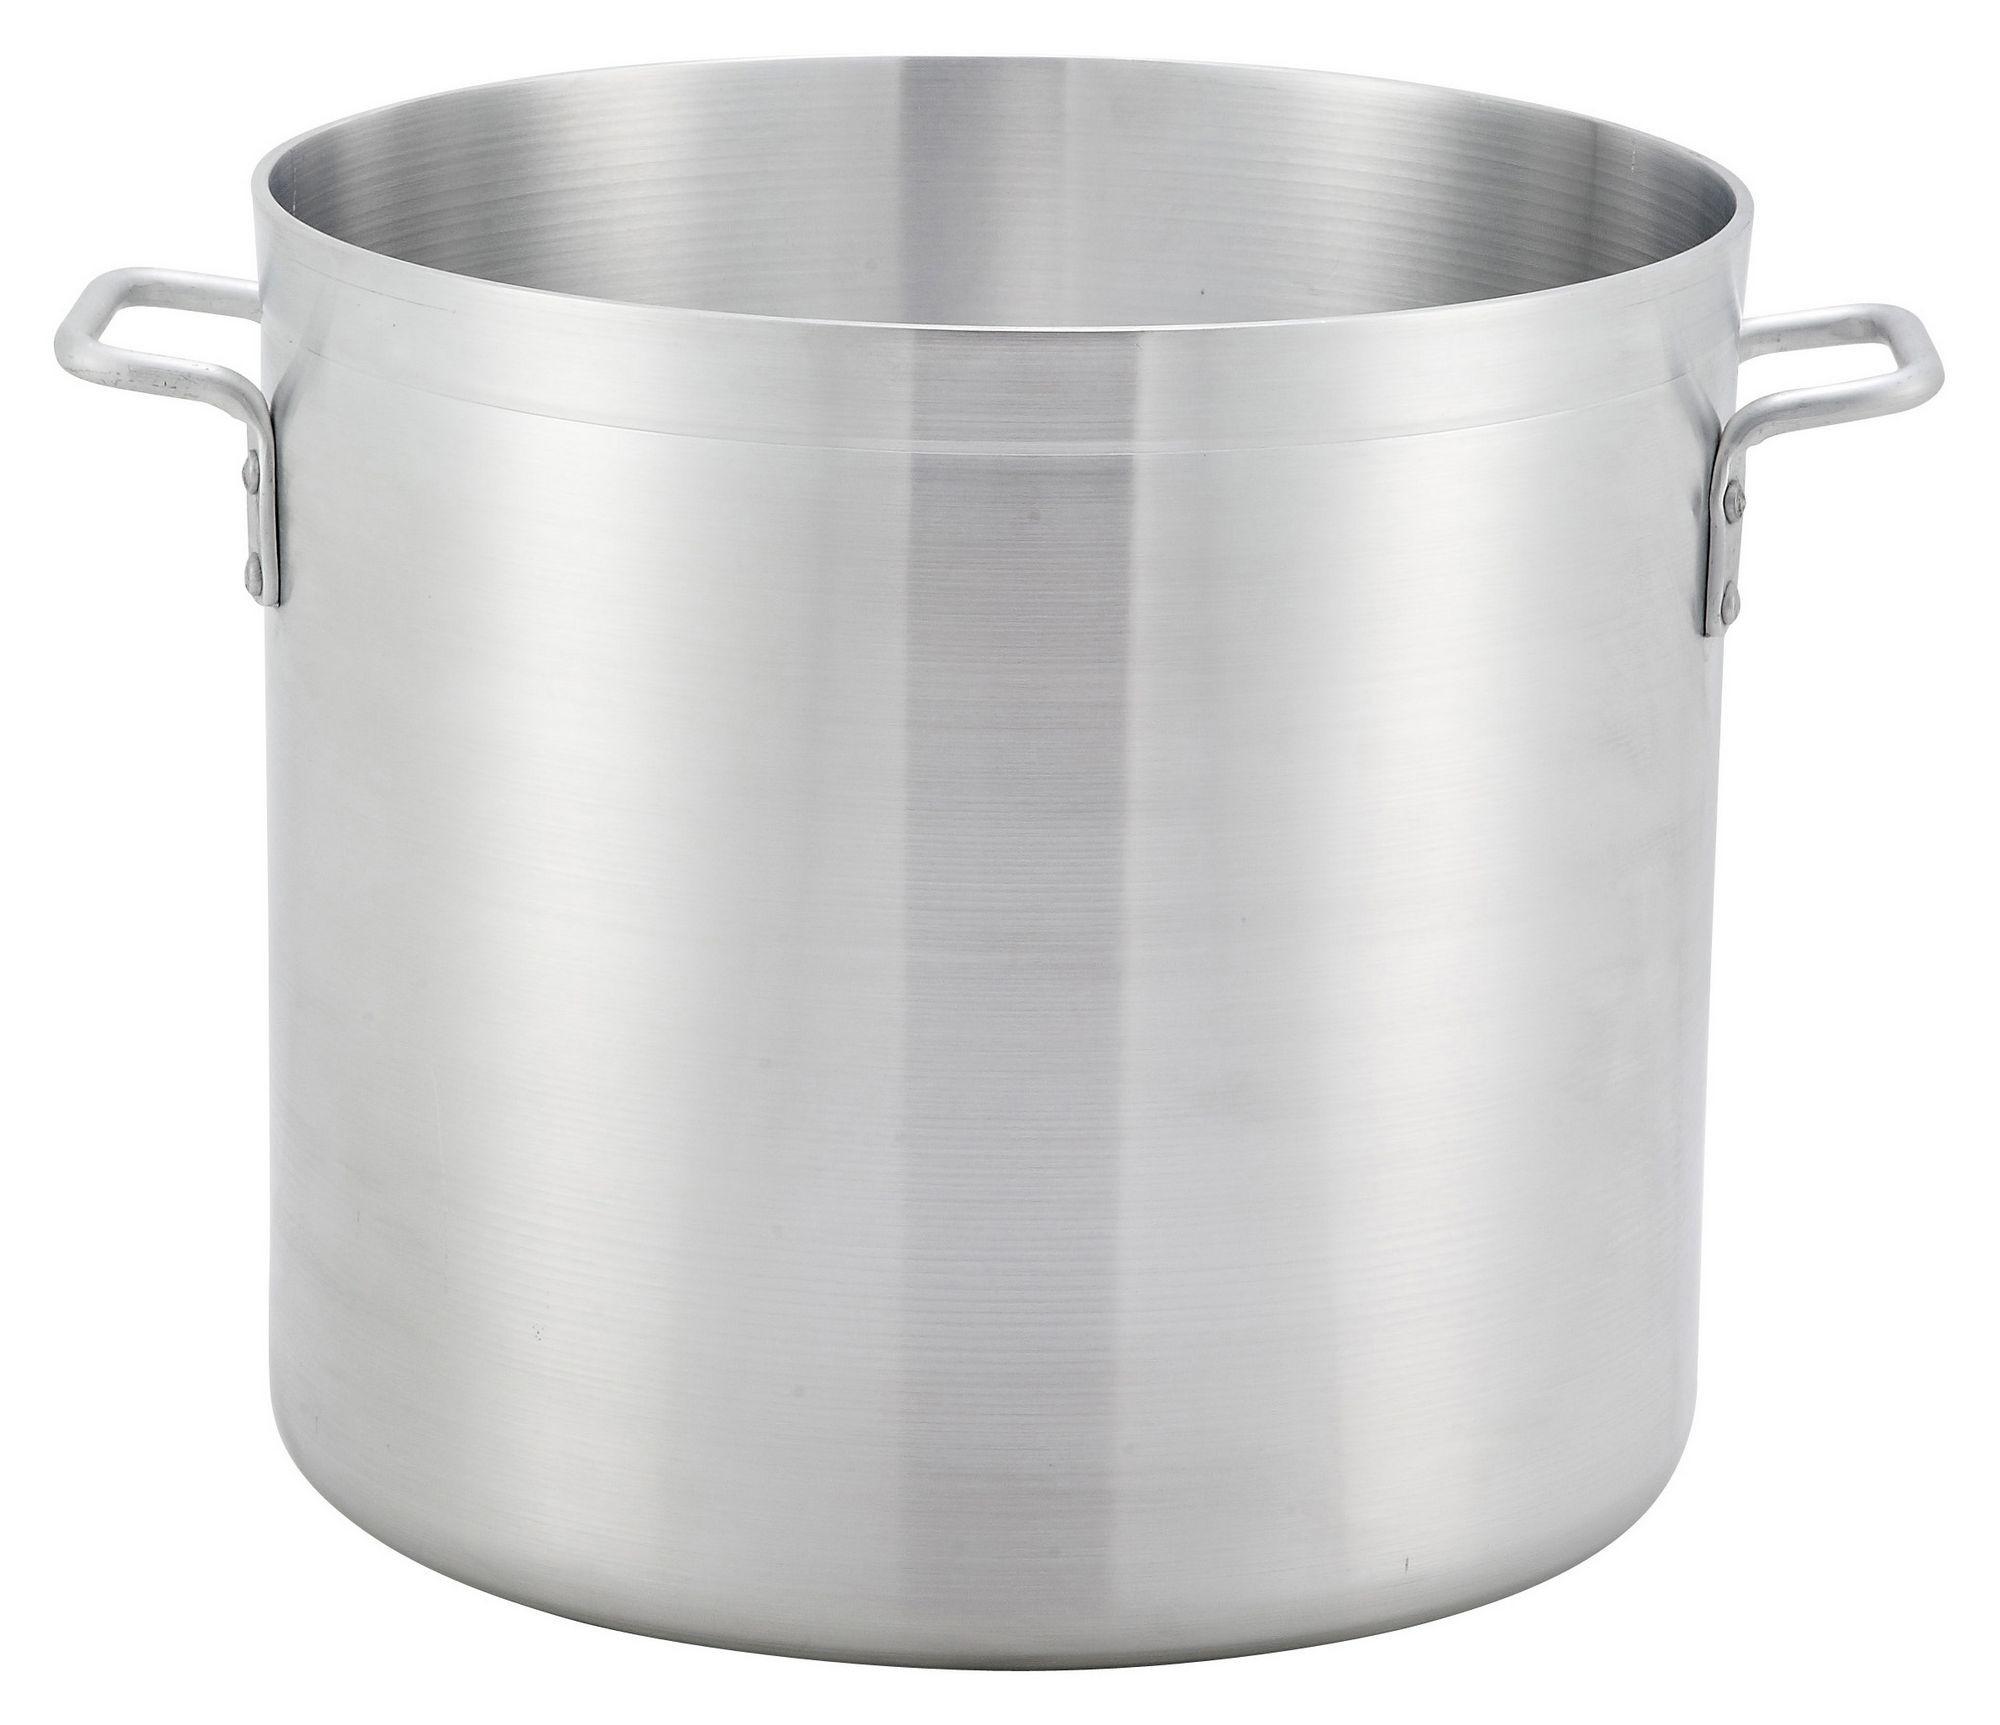 Winco ALST-100 Super Aluminum 100 Qt. Stock Pot